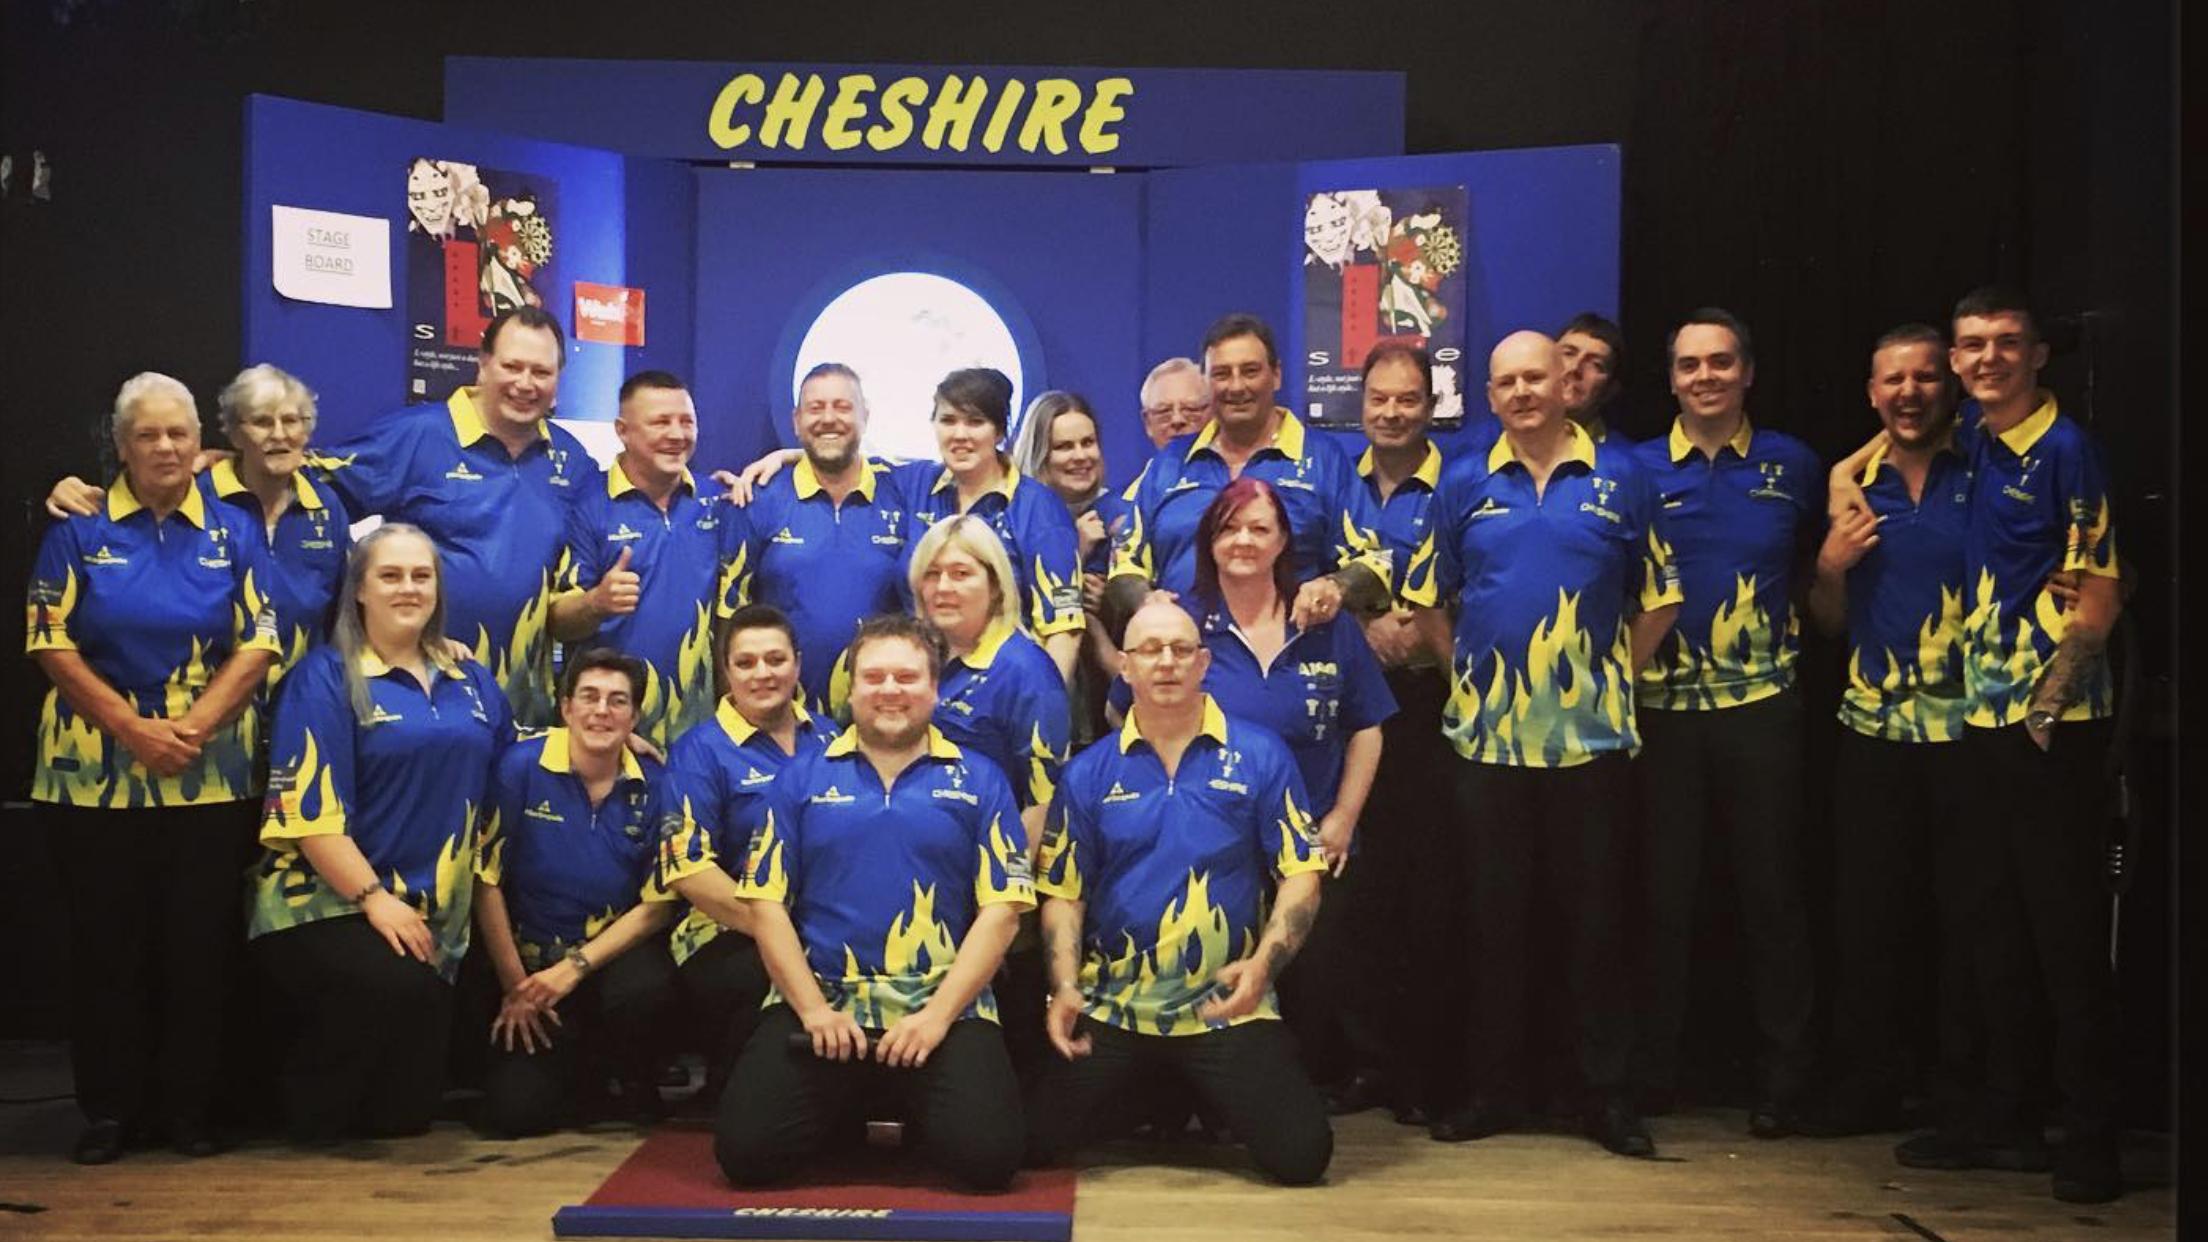 Cheshire Darts Organisation Cheshire News